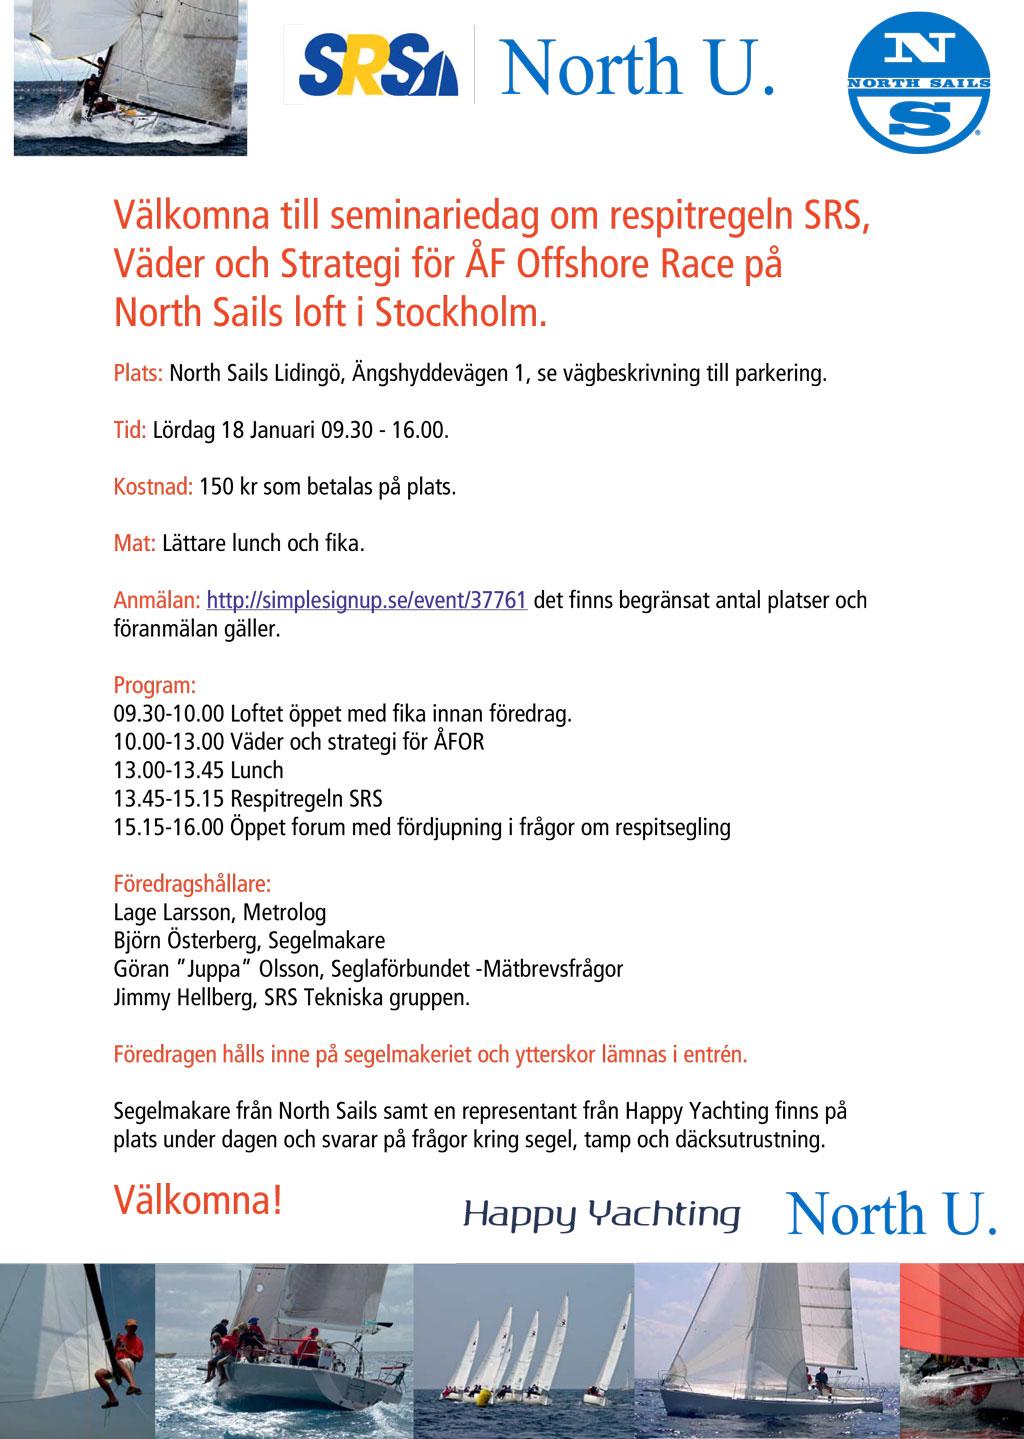 Seminariedag om SRS, väder och strategi för ÅFOR